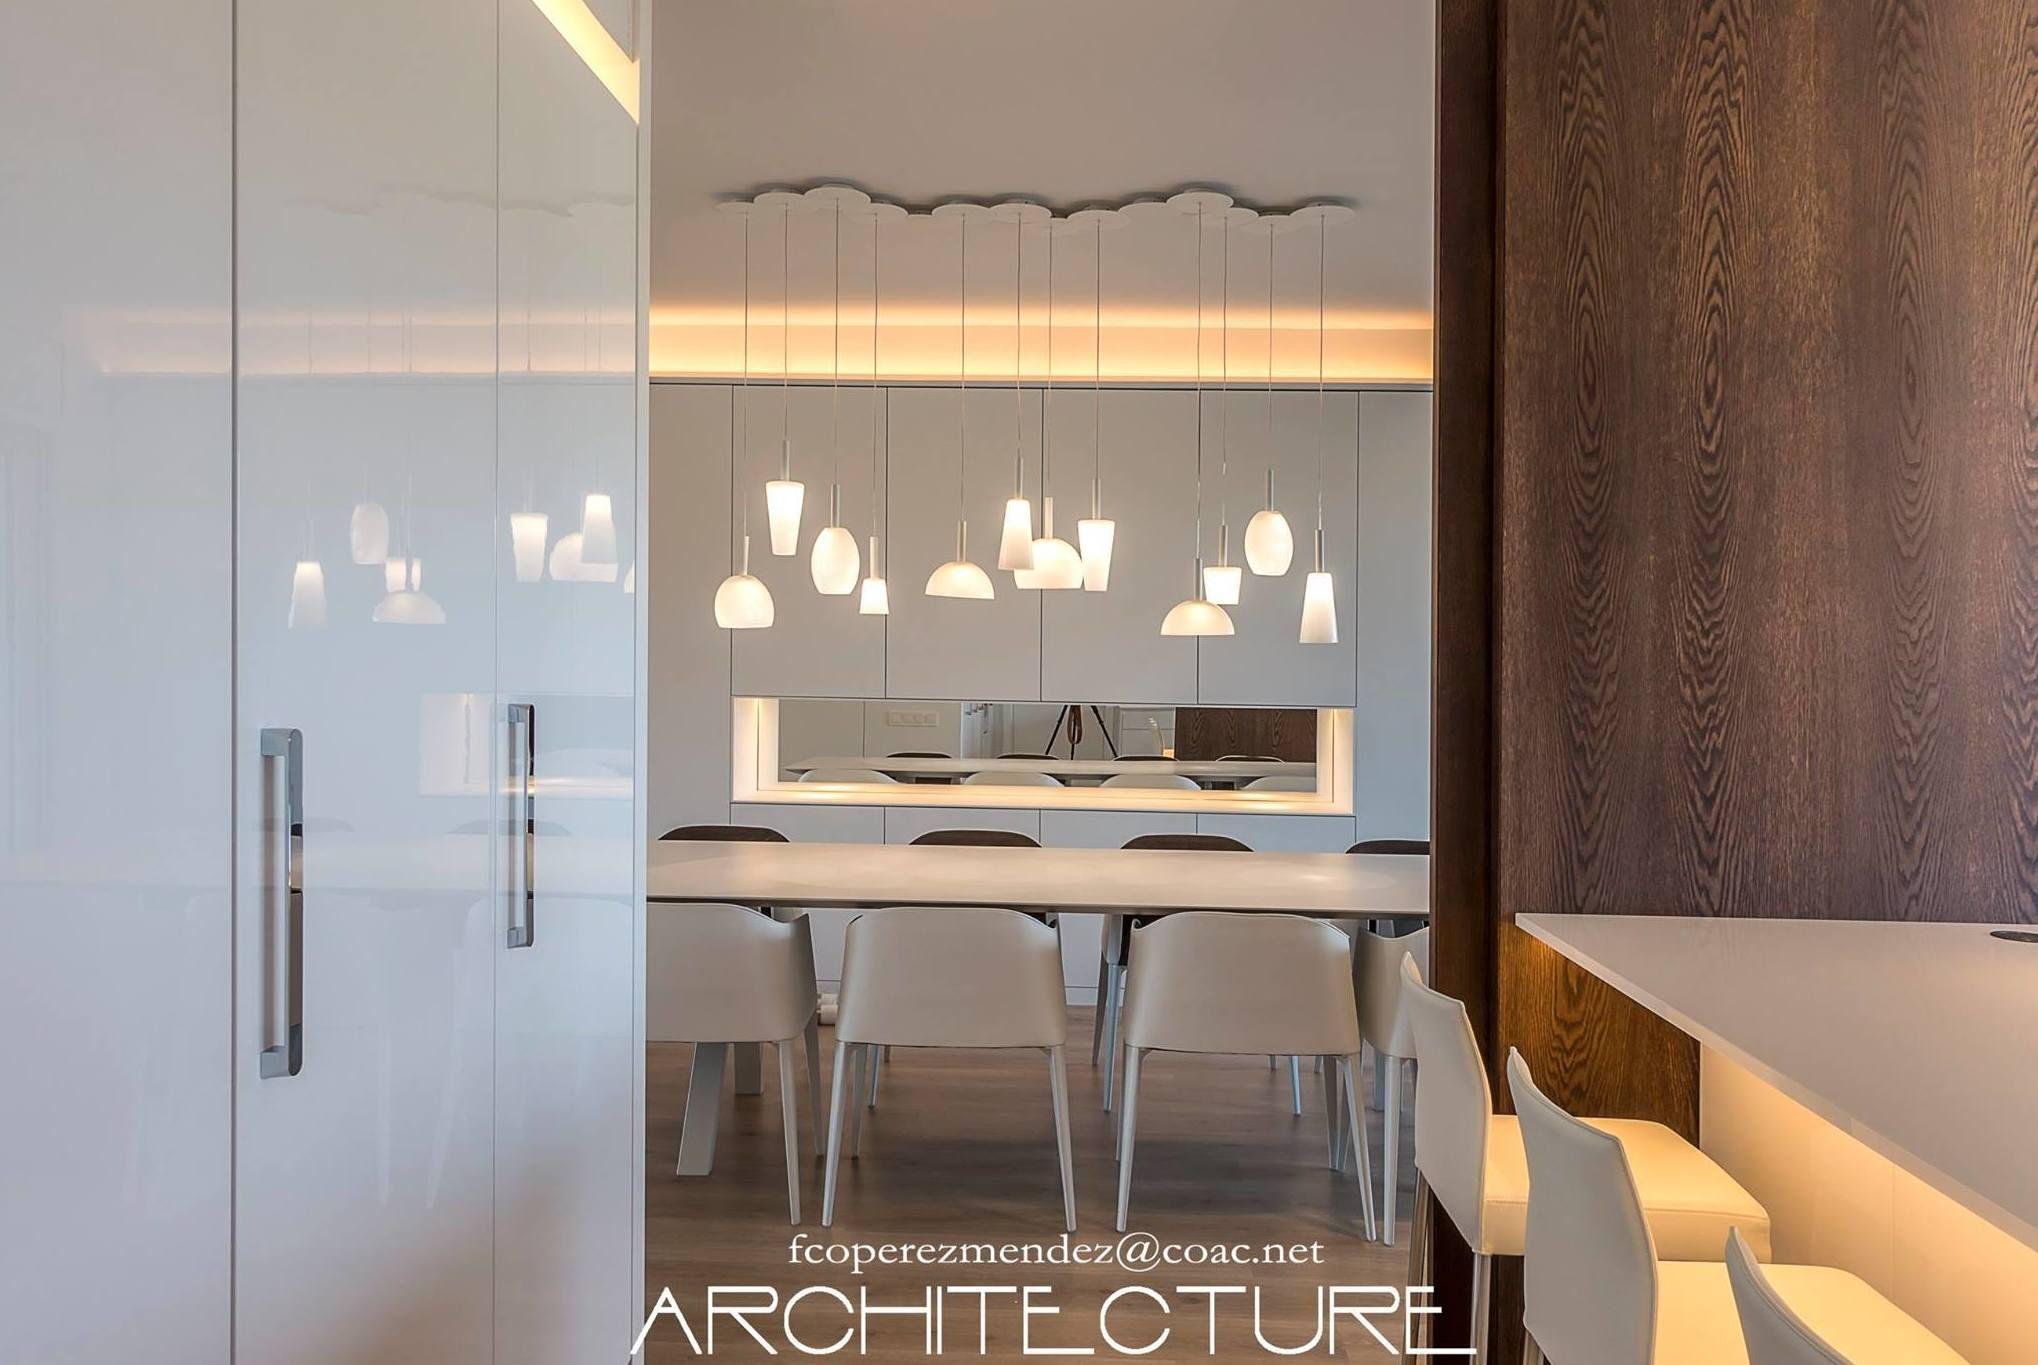 Despacho de arquitectos en sitges fpm arquitectos - Despacho arquitectura barcelona ...